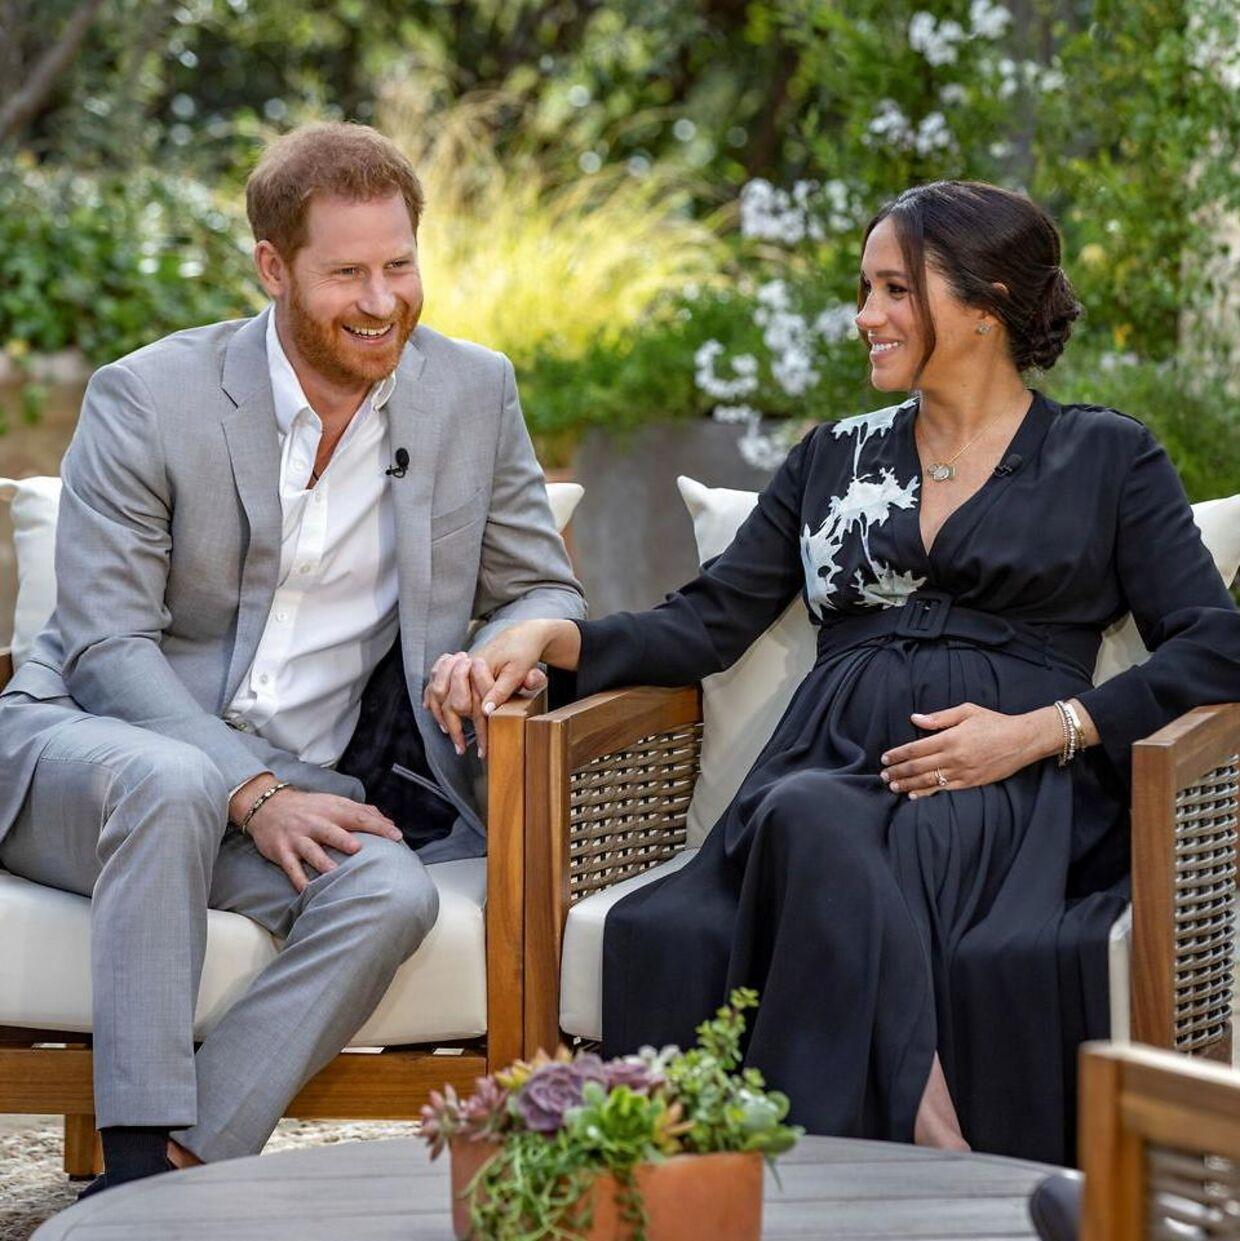 Det er ikke længe siden, prins Harry sidst gav et opsigtsvækkende interview. Her sammen med hustru hertuginde Meghan i den varme stol hos Oprah Winfrey.